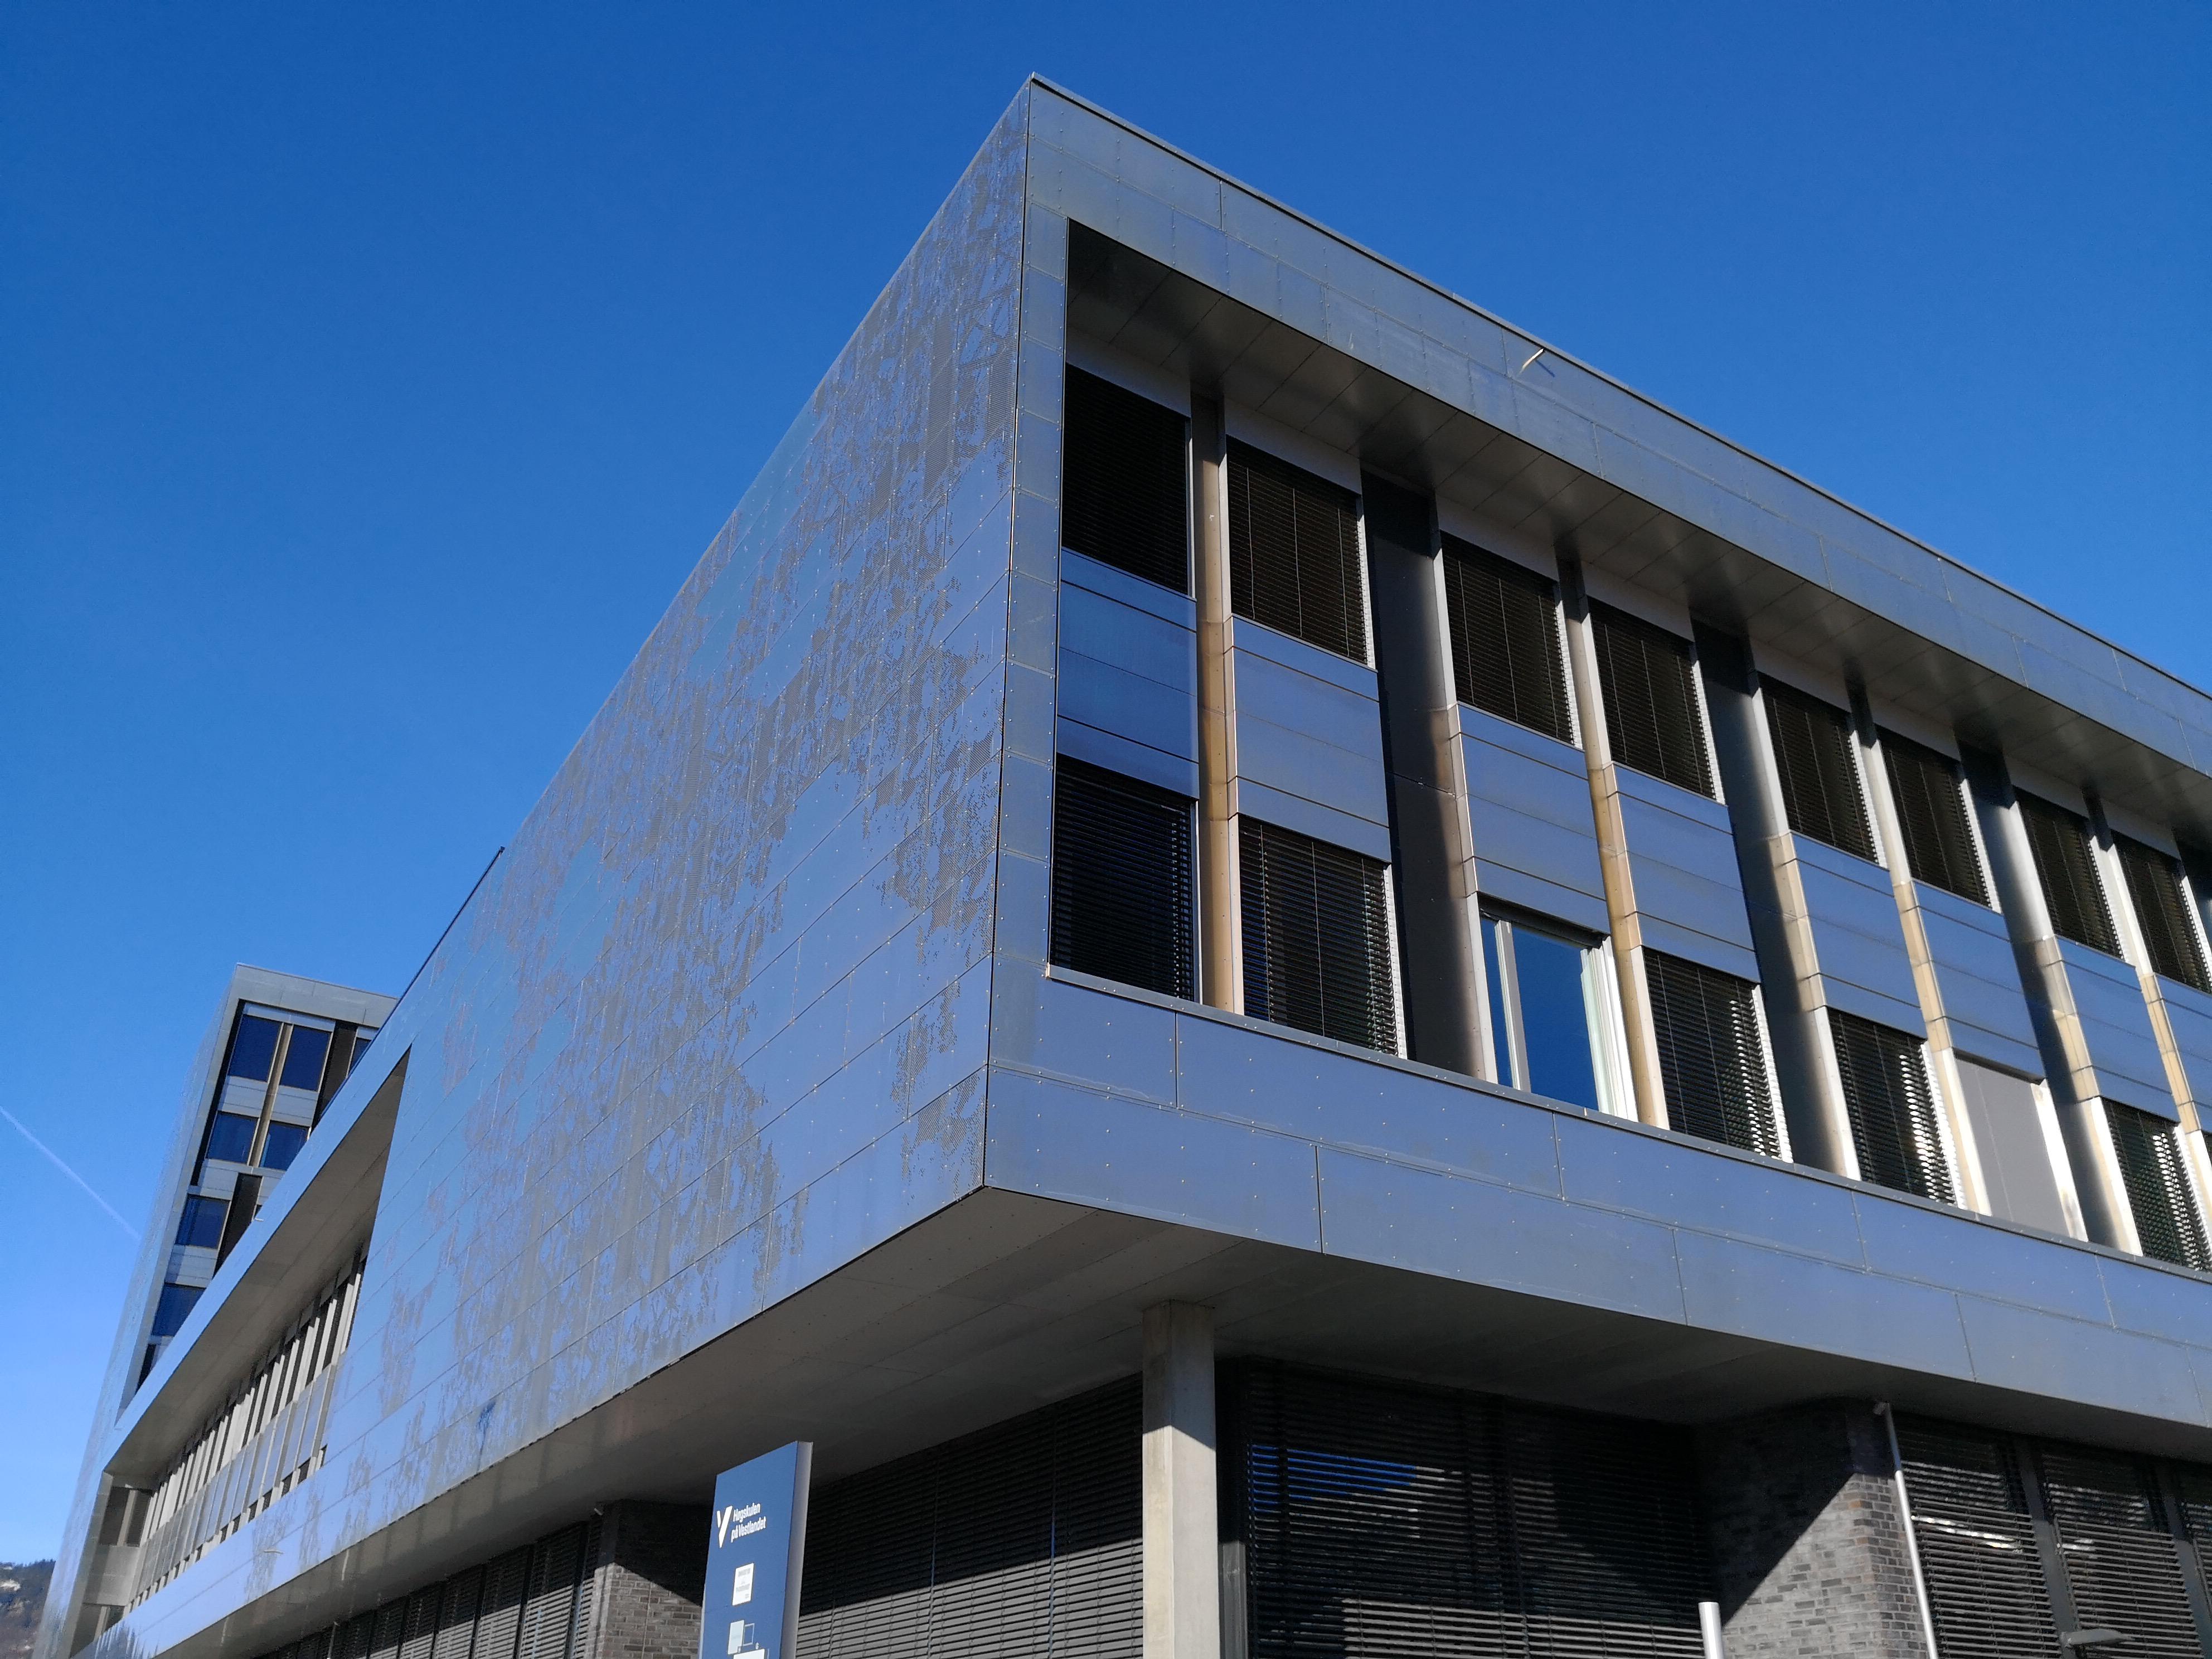 bilde av Høyskolen with Huawei